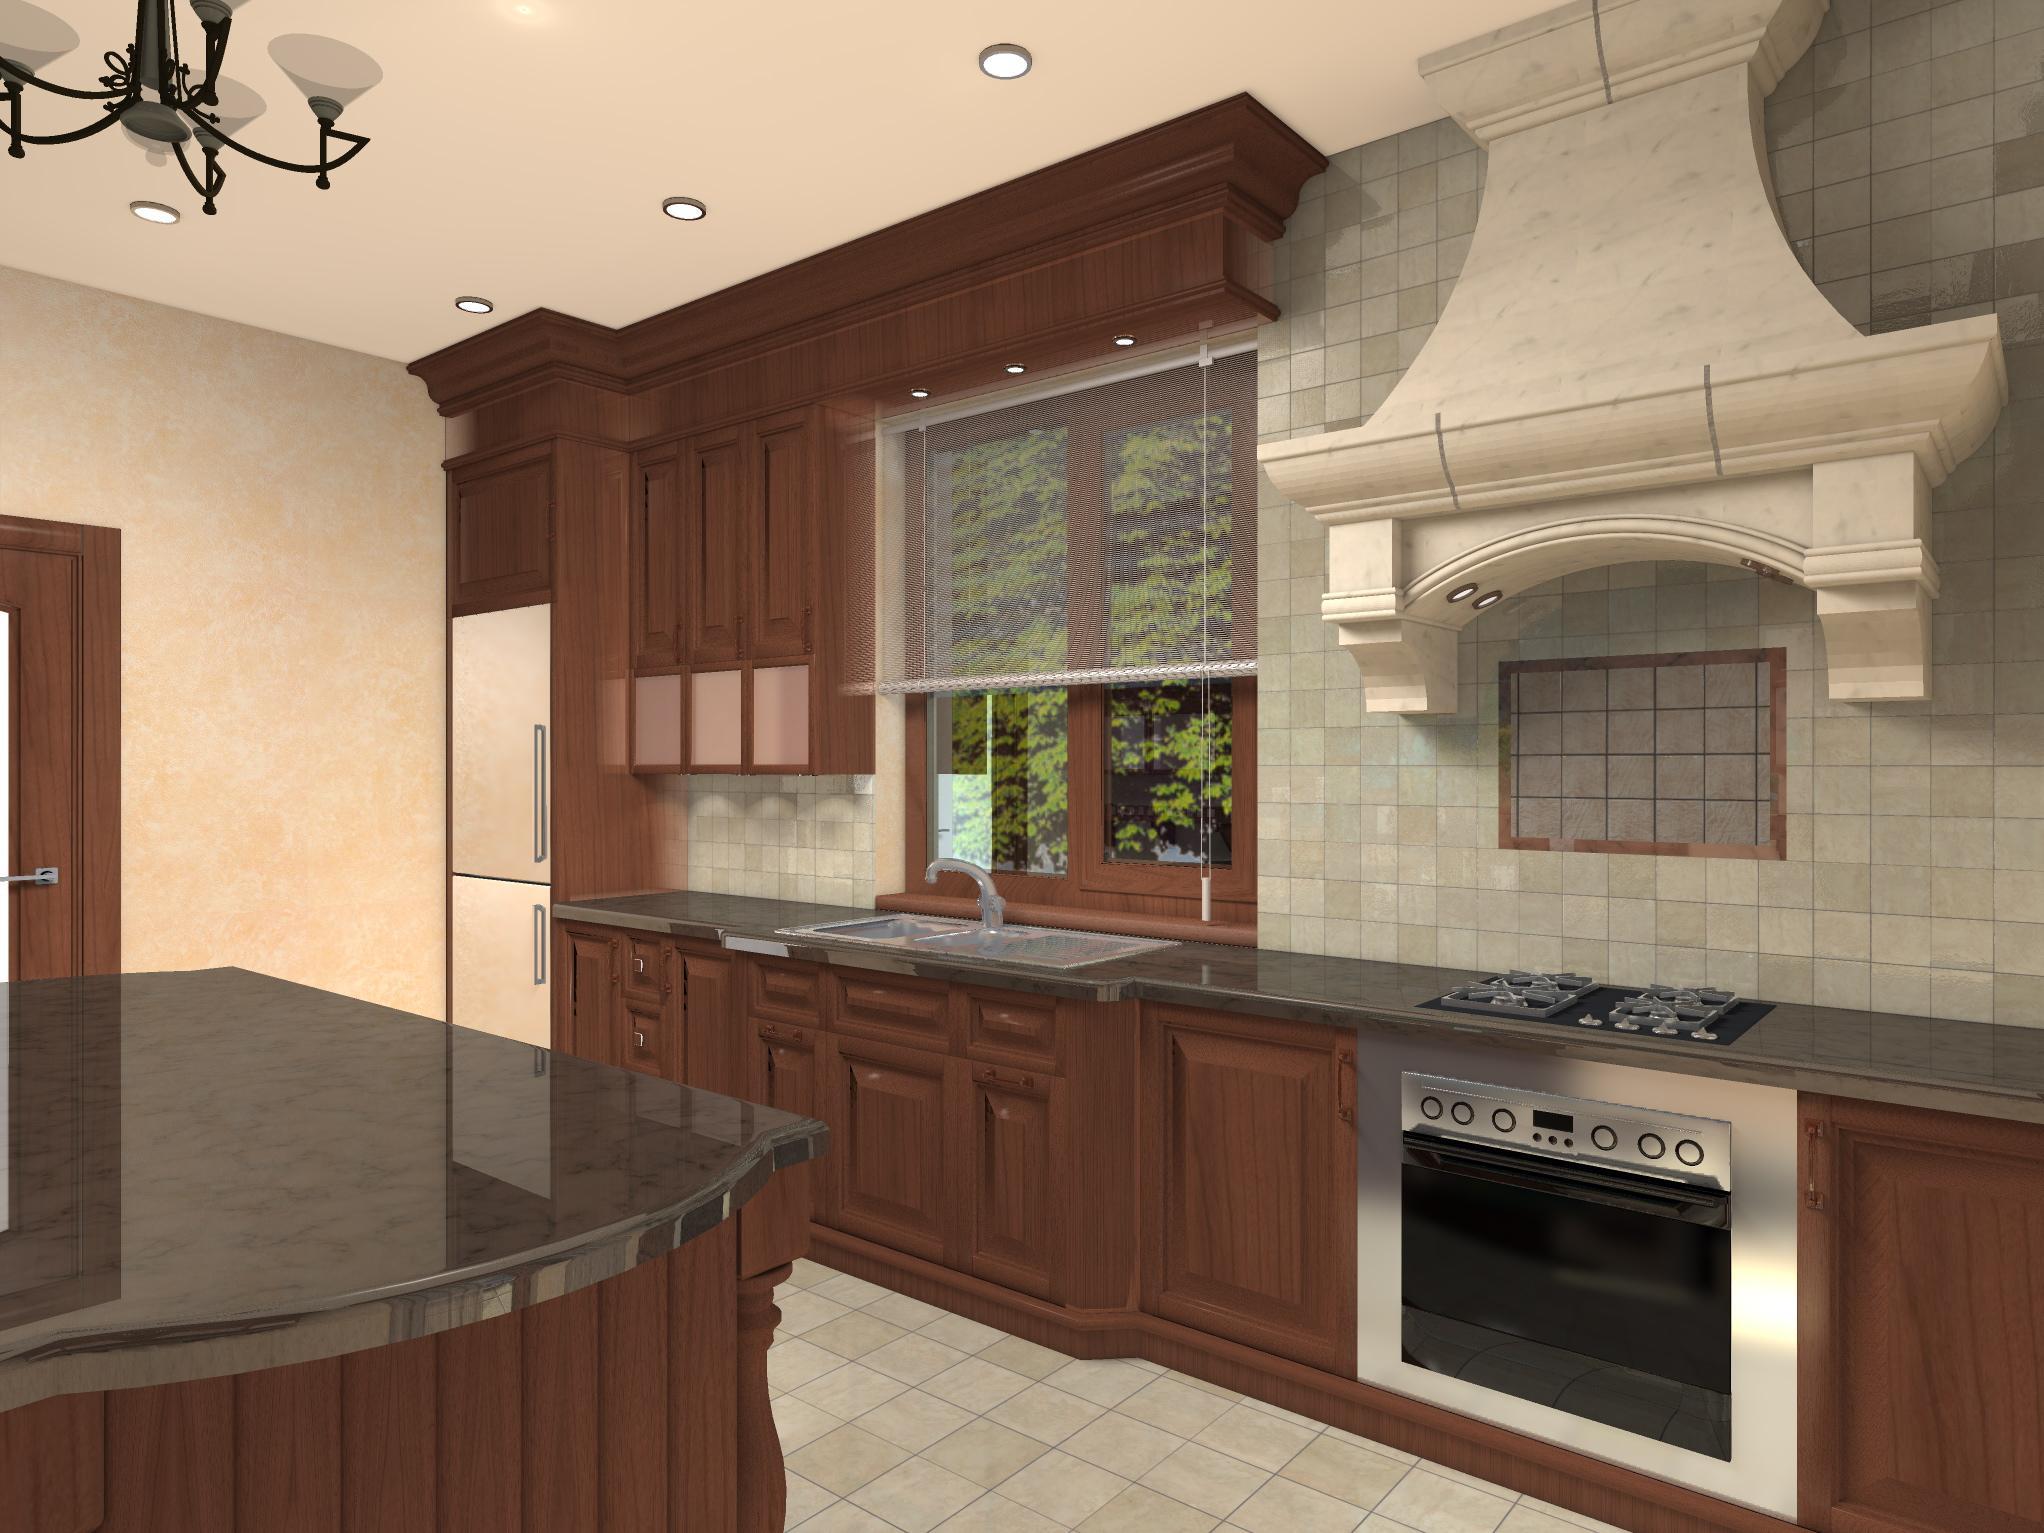 Кухня в частном доме, вариант 1-2